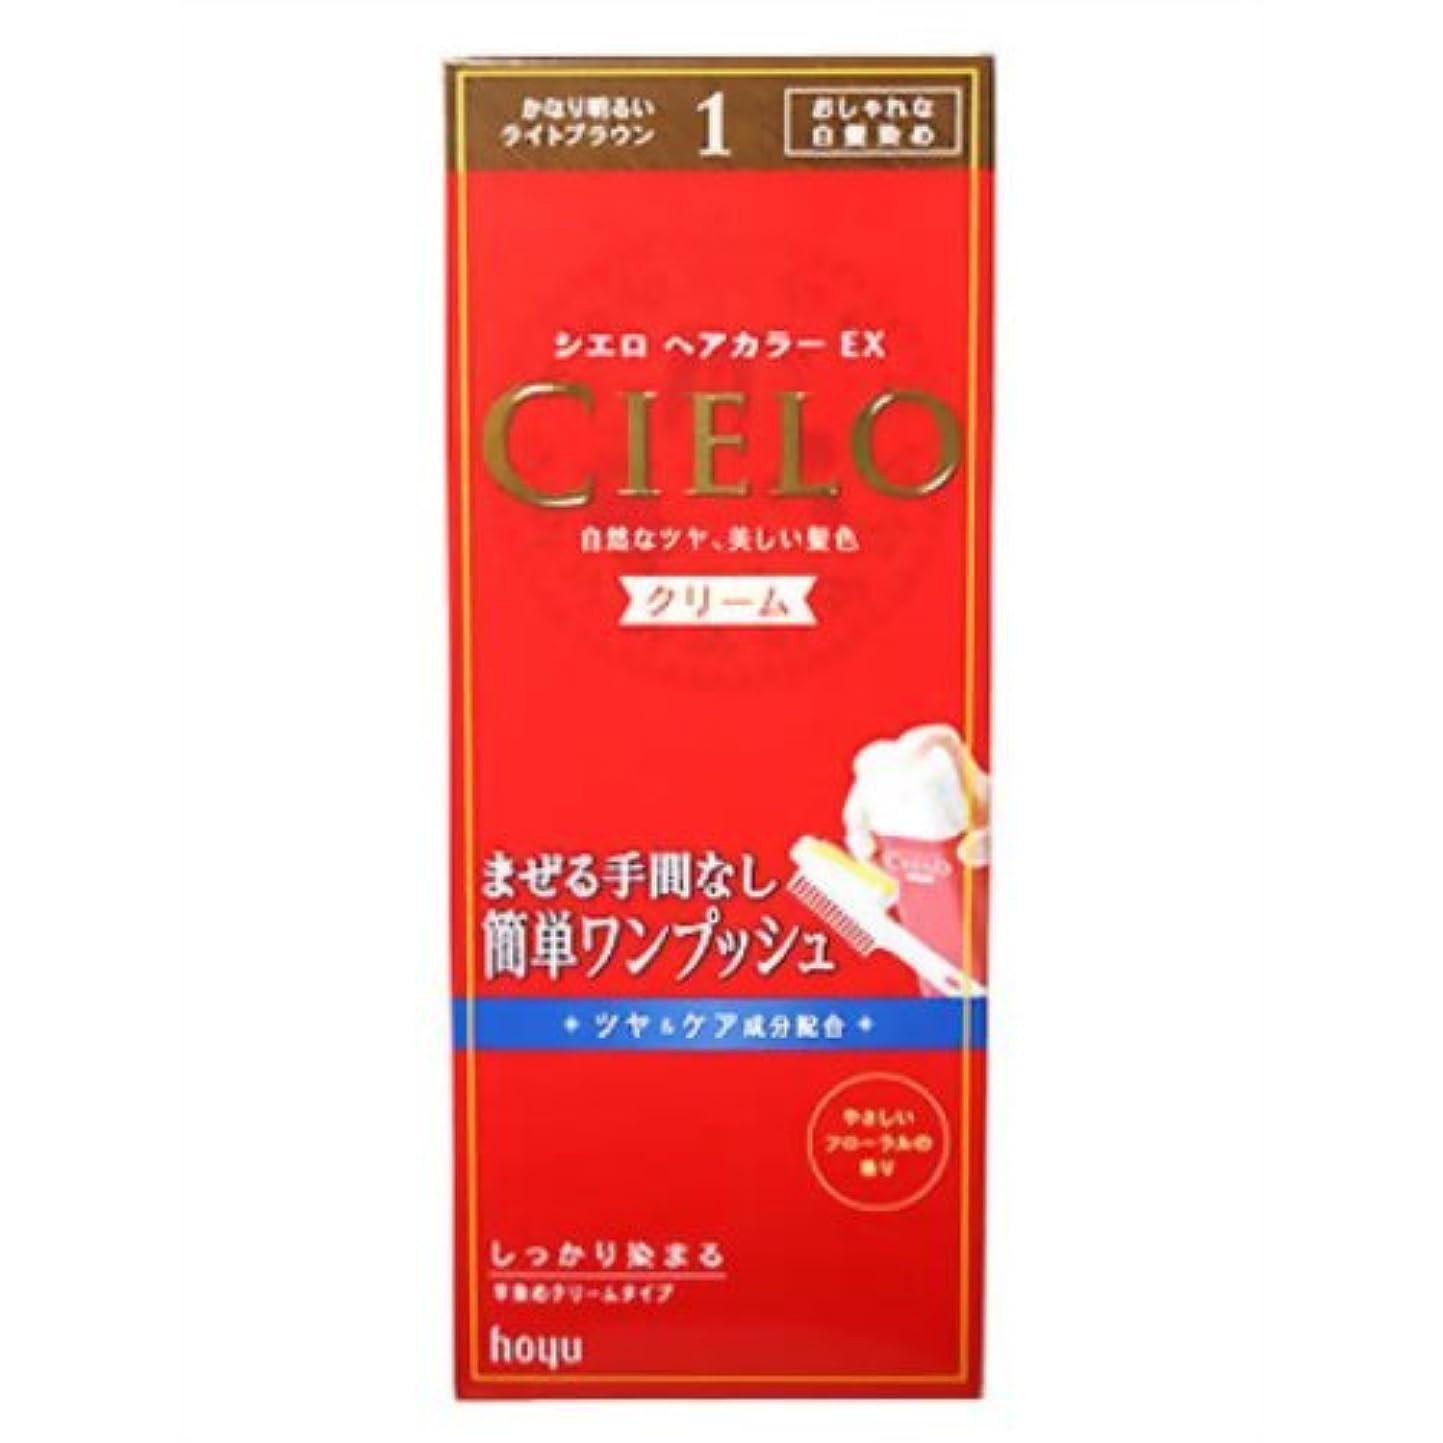 避けられないレンジ慣性シエロ ヘアカラーEX クリーム1 (かなり明るいライトブラウン)